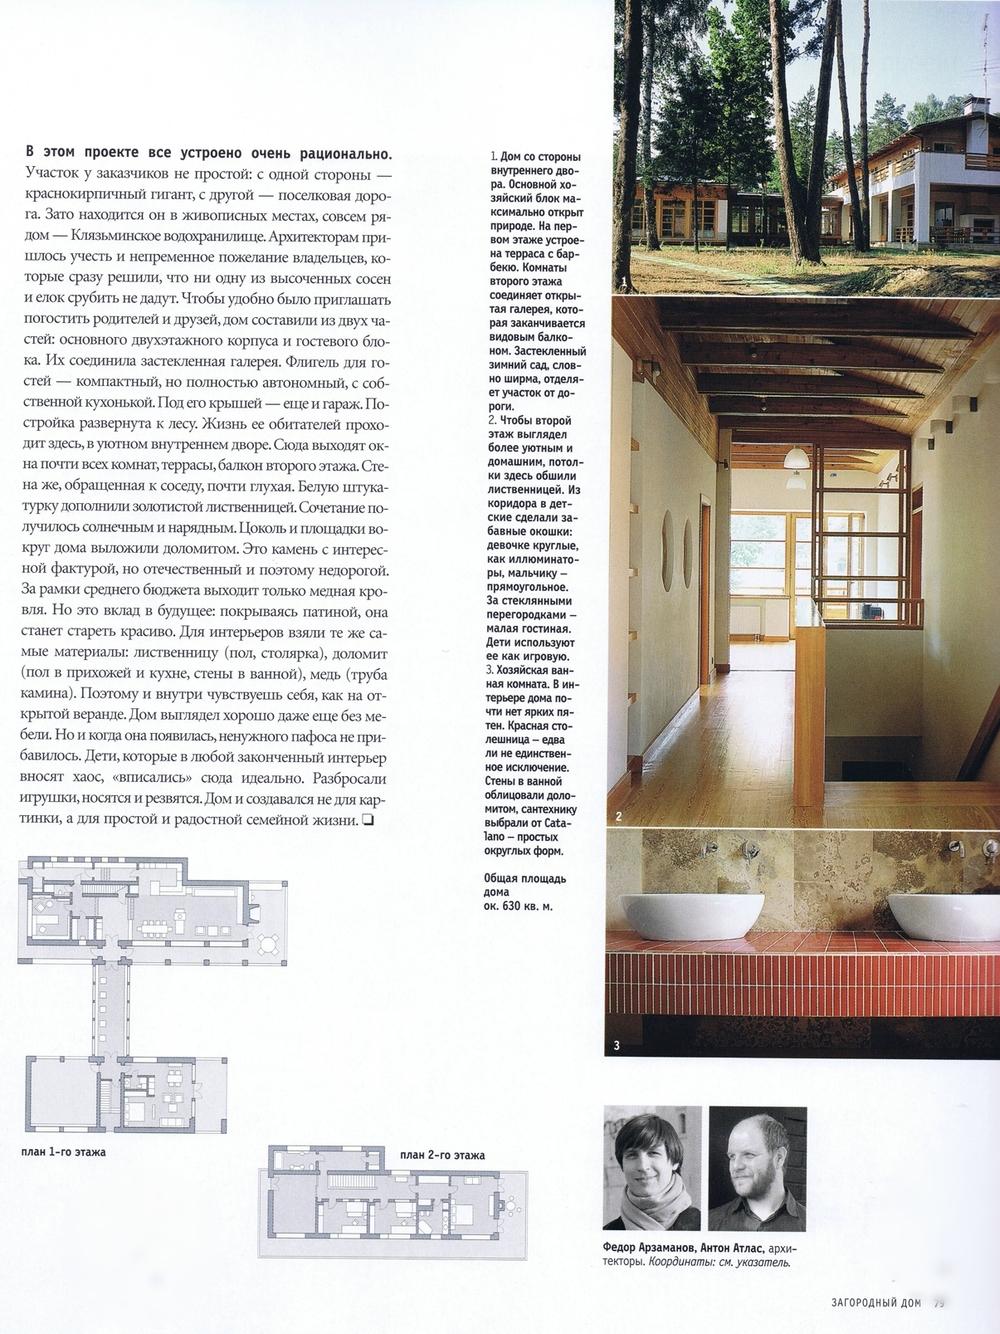 Загородный дом октябрь 2007_(06).jpg